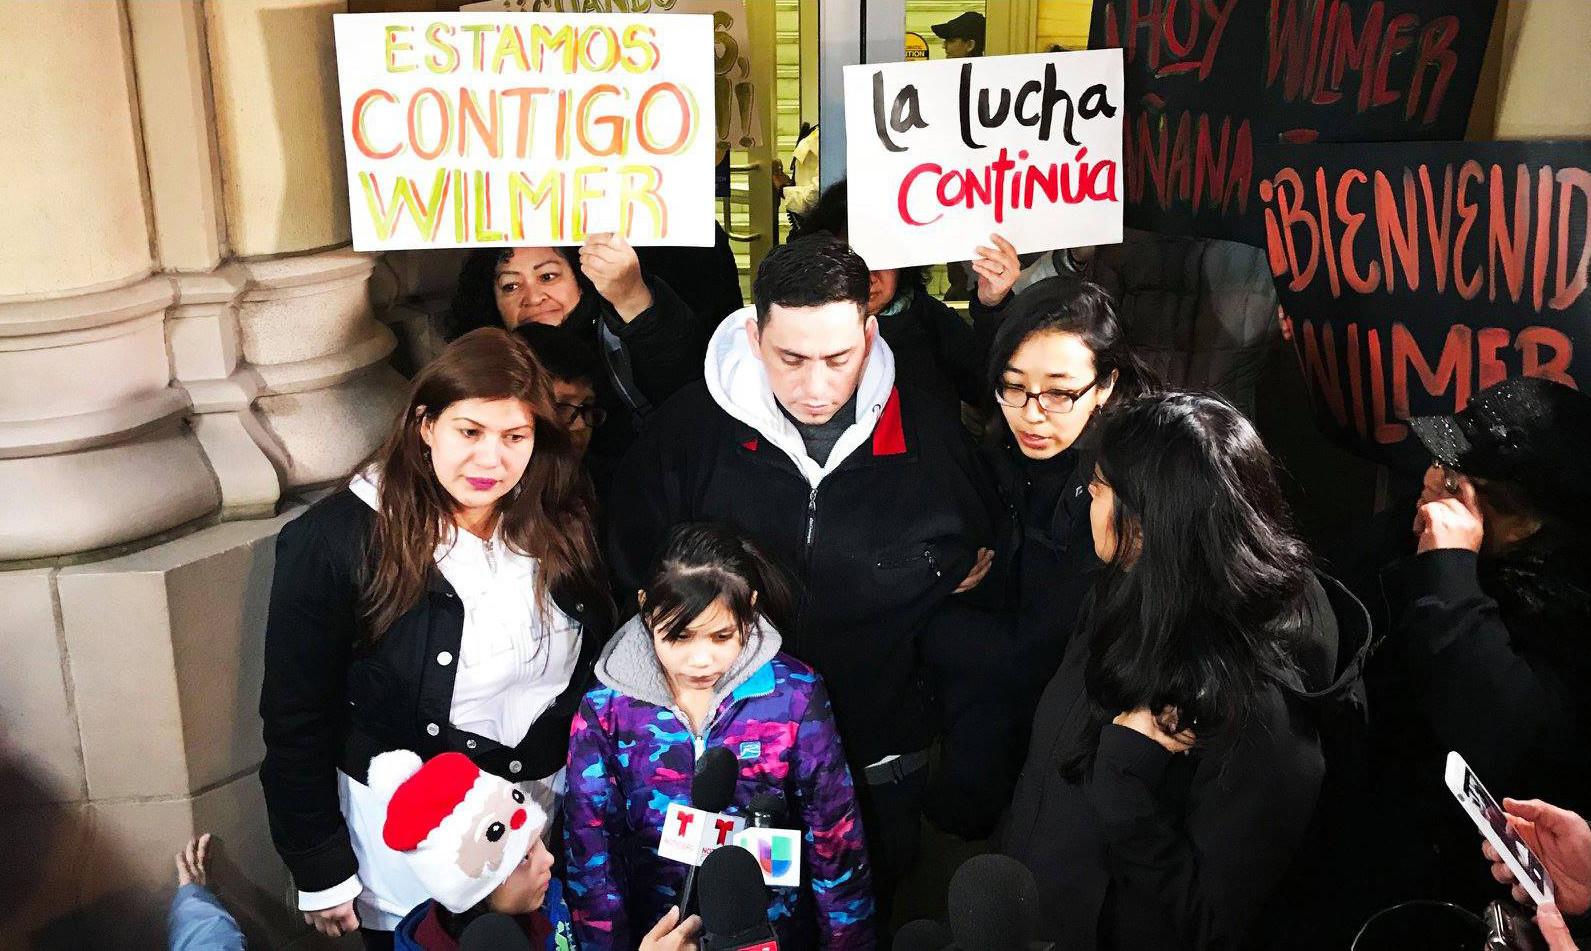 Ct-ice-libera-a-inmigrante-que-fue-identificado-como-pandillero-por-error-20180122